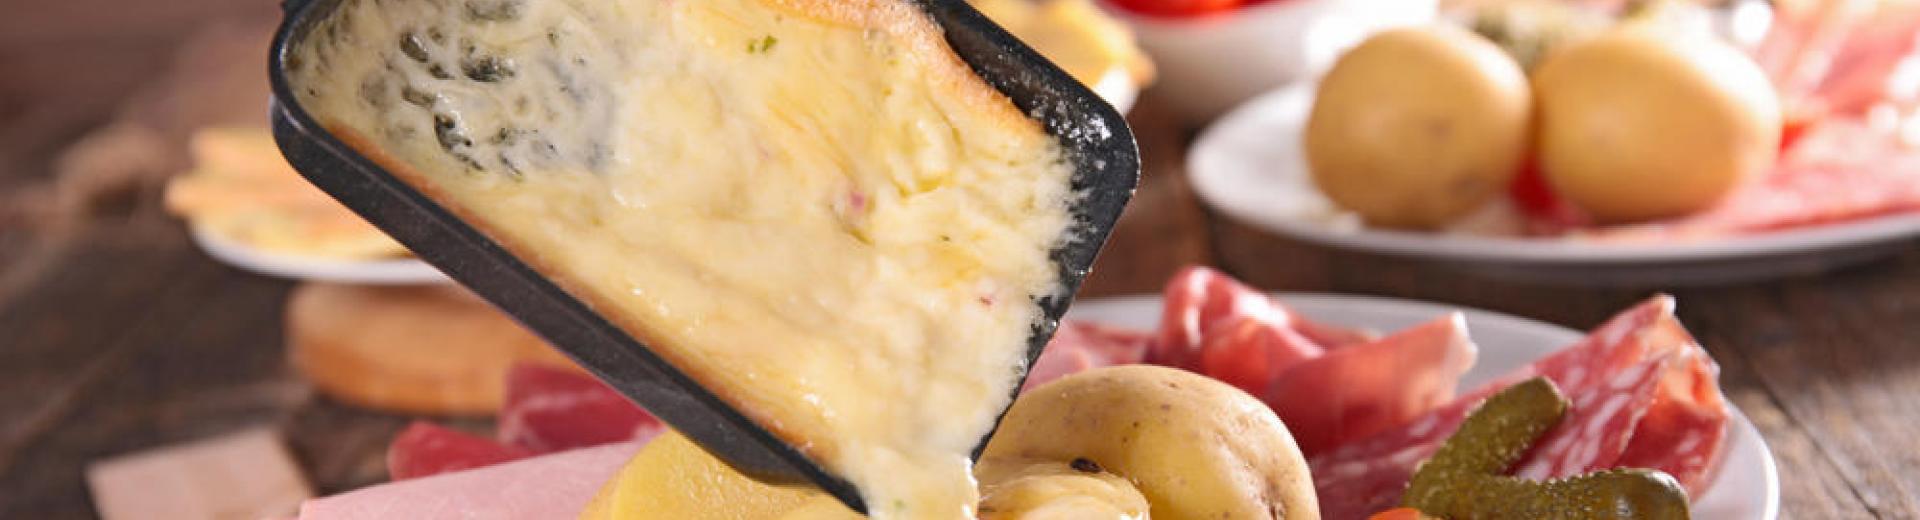 skifood raclette